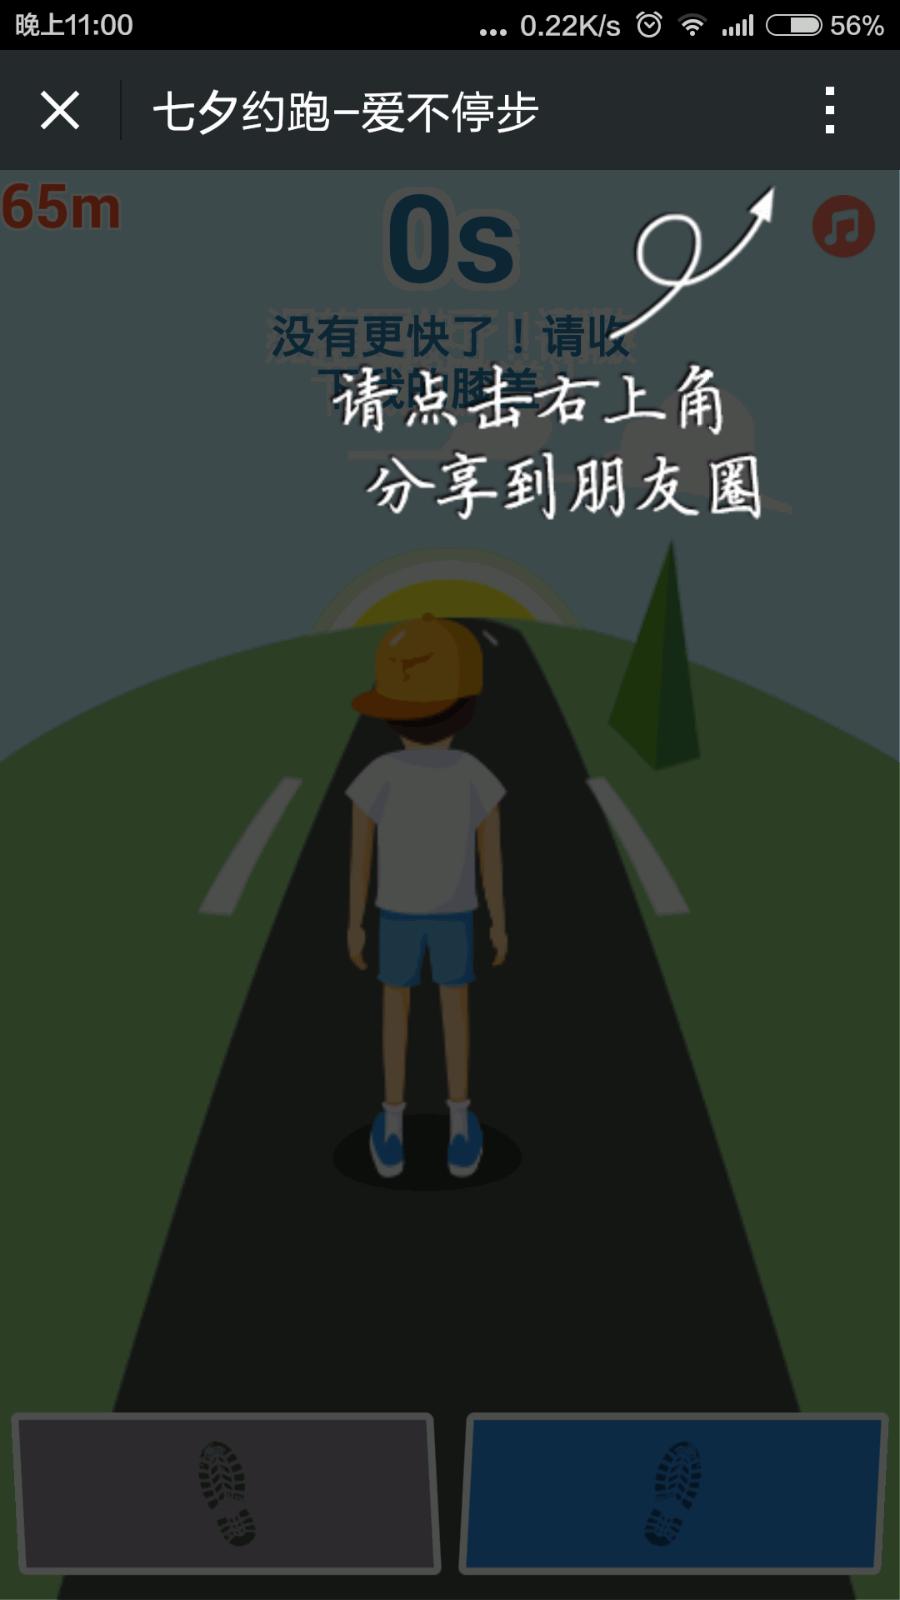 约跑奥运 2.5版本模块,好玩的跑步社交功能模块